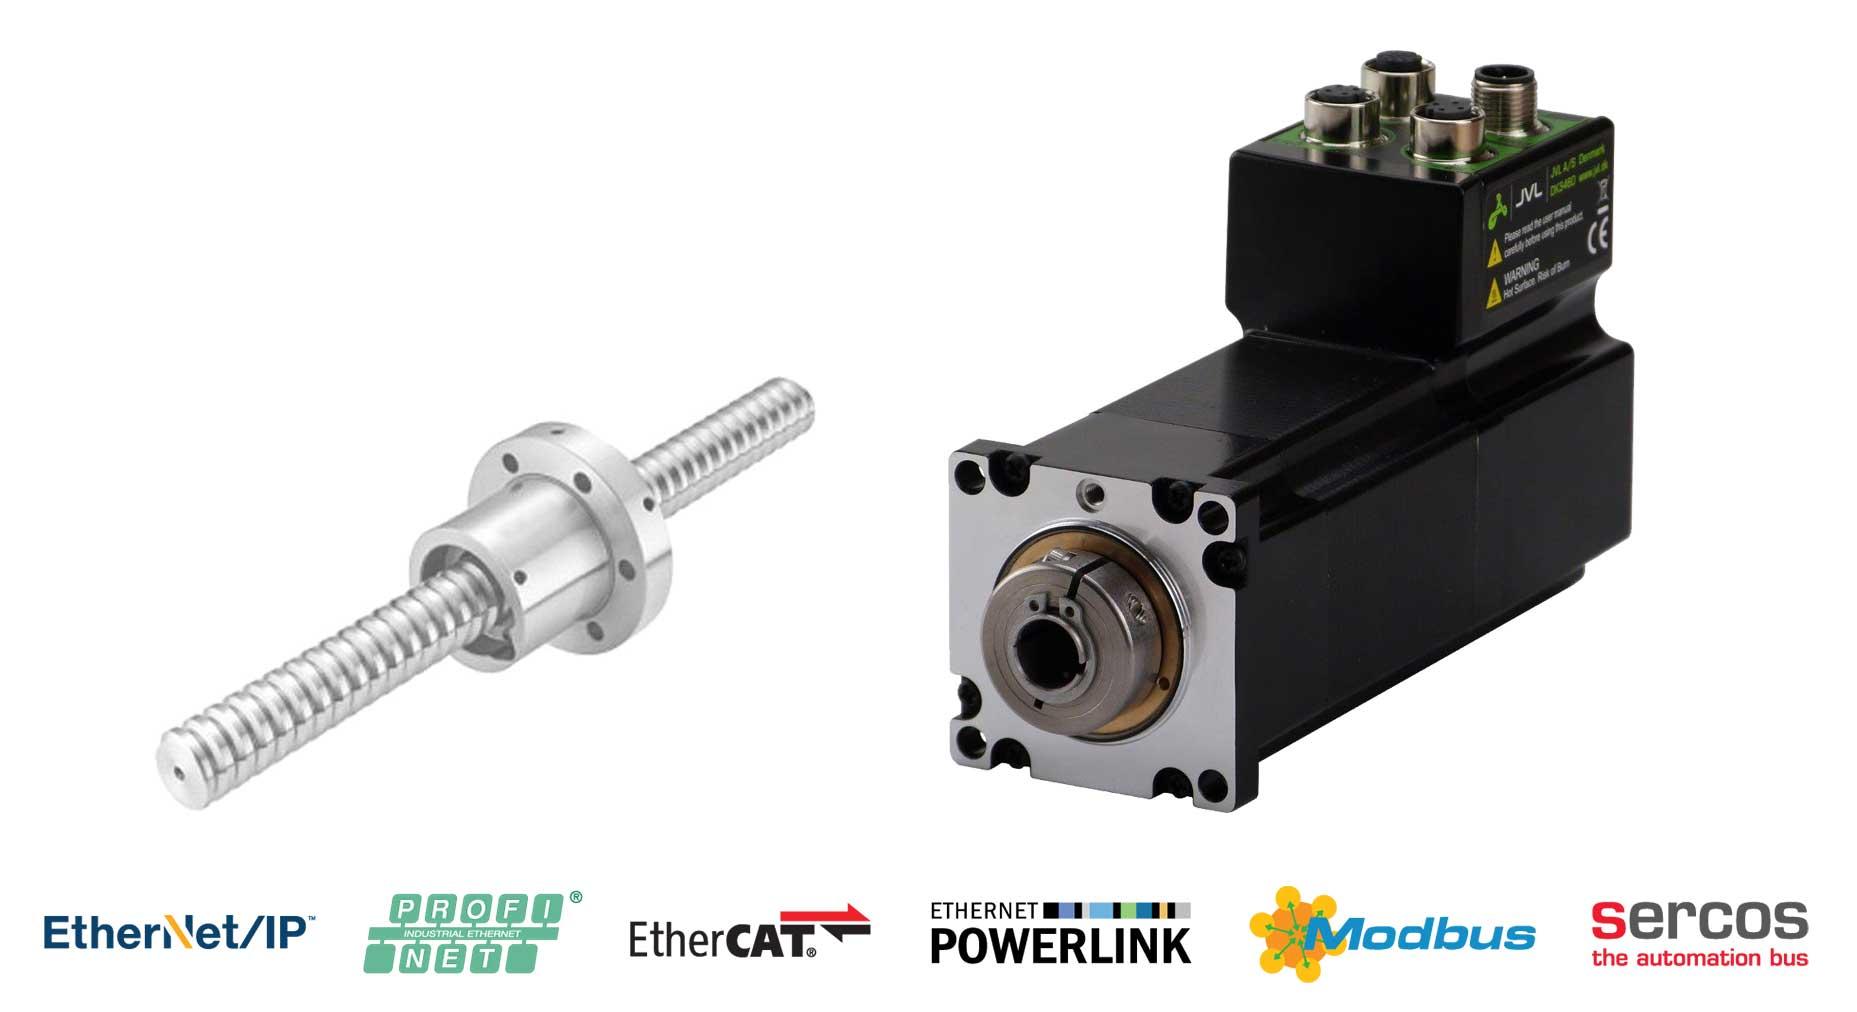 Integrierte Spindelantriebe mit absolutem Multiturn-Drehgeber